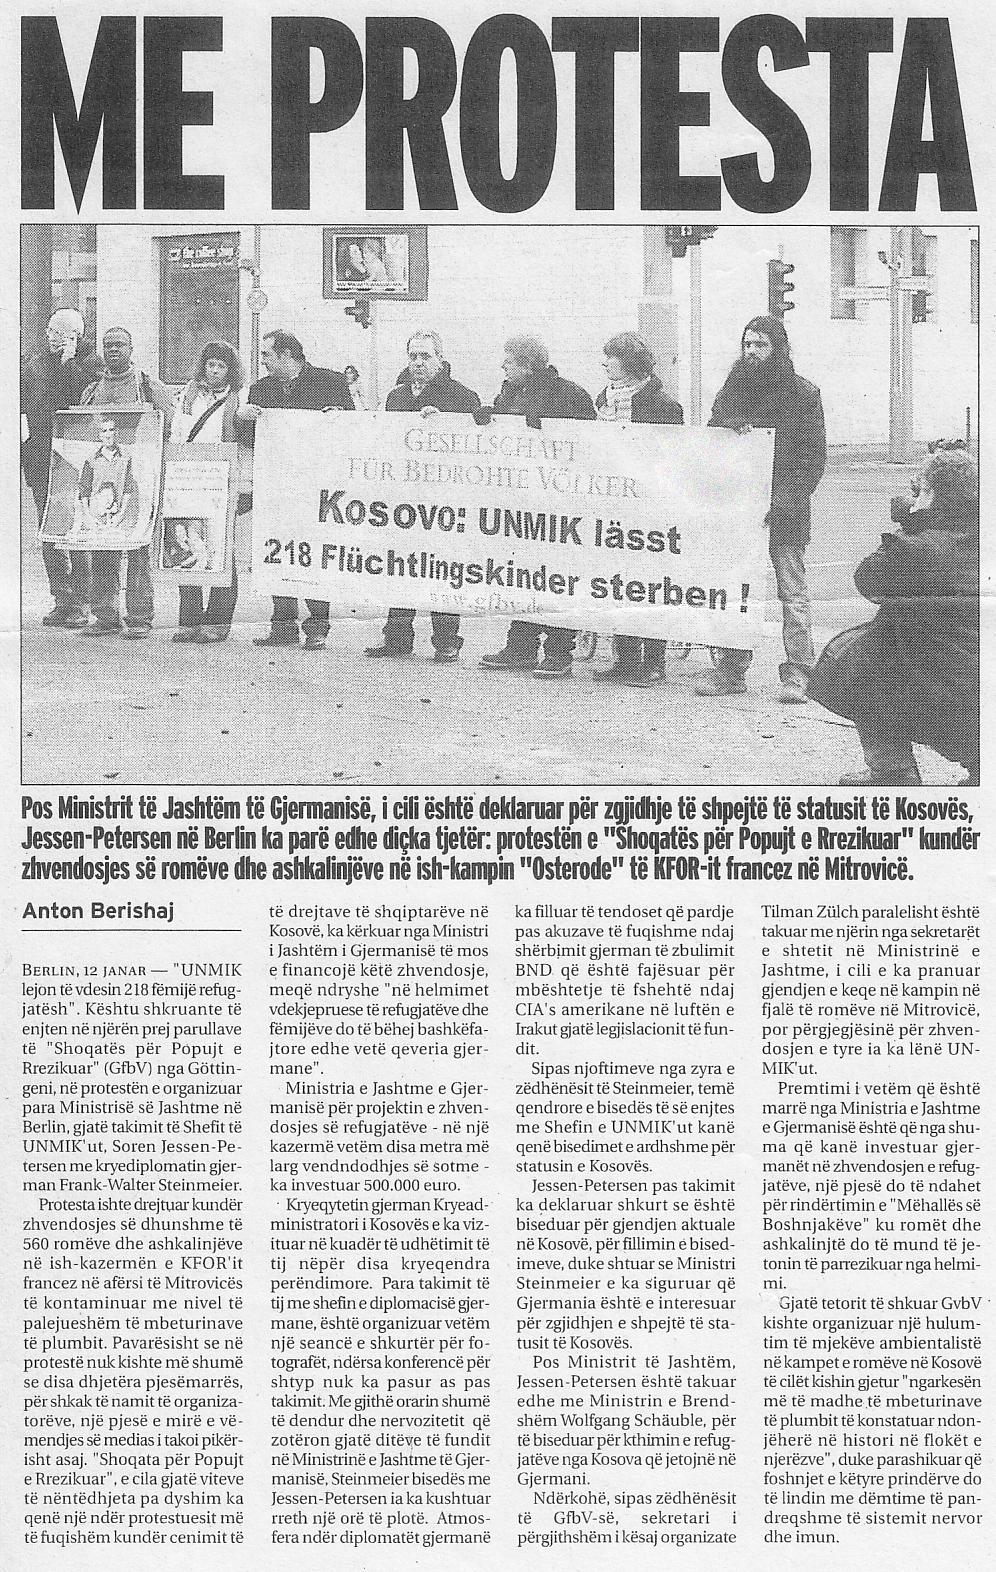 express_me_protesta_13.01.2006